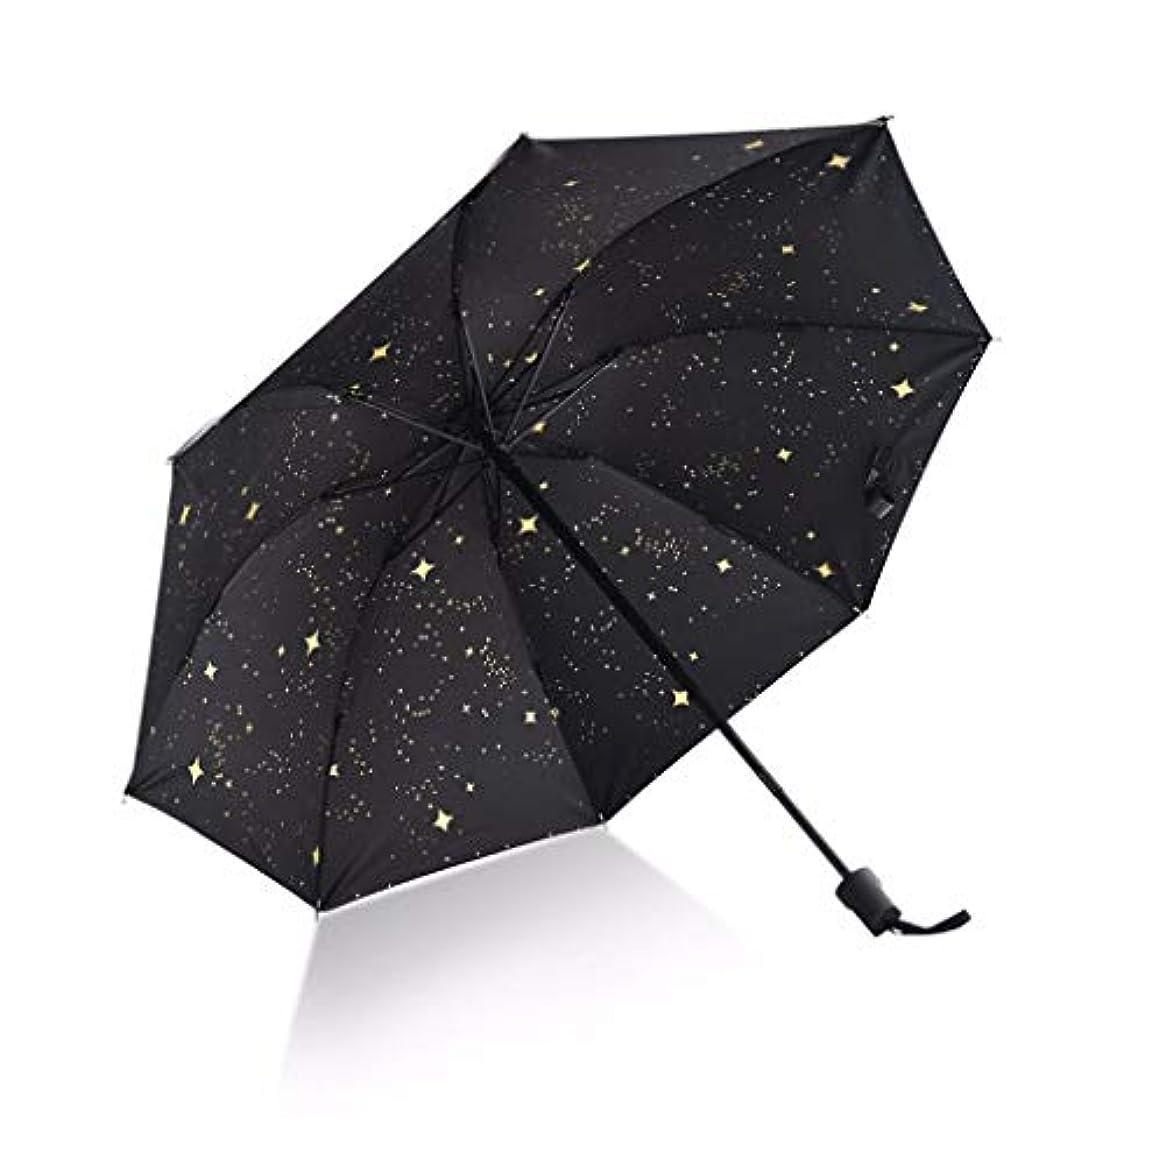 比べる広範囲に東方日傘防水ブラックダブルUV日傘超軽量雨兼用傘日焼け止めゼロライト折りたたみ傘 (色 : B)